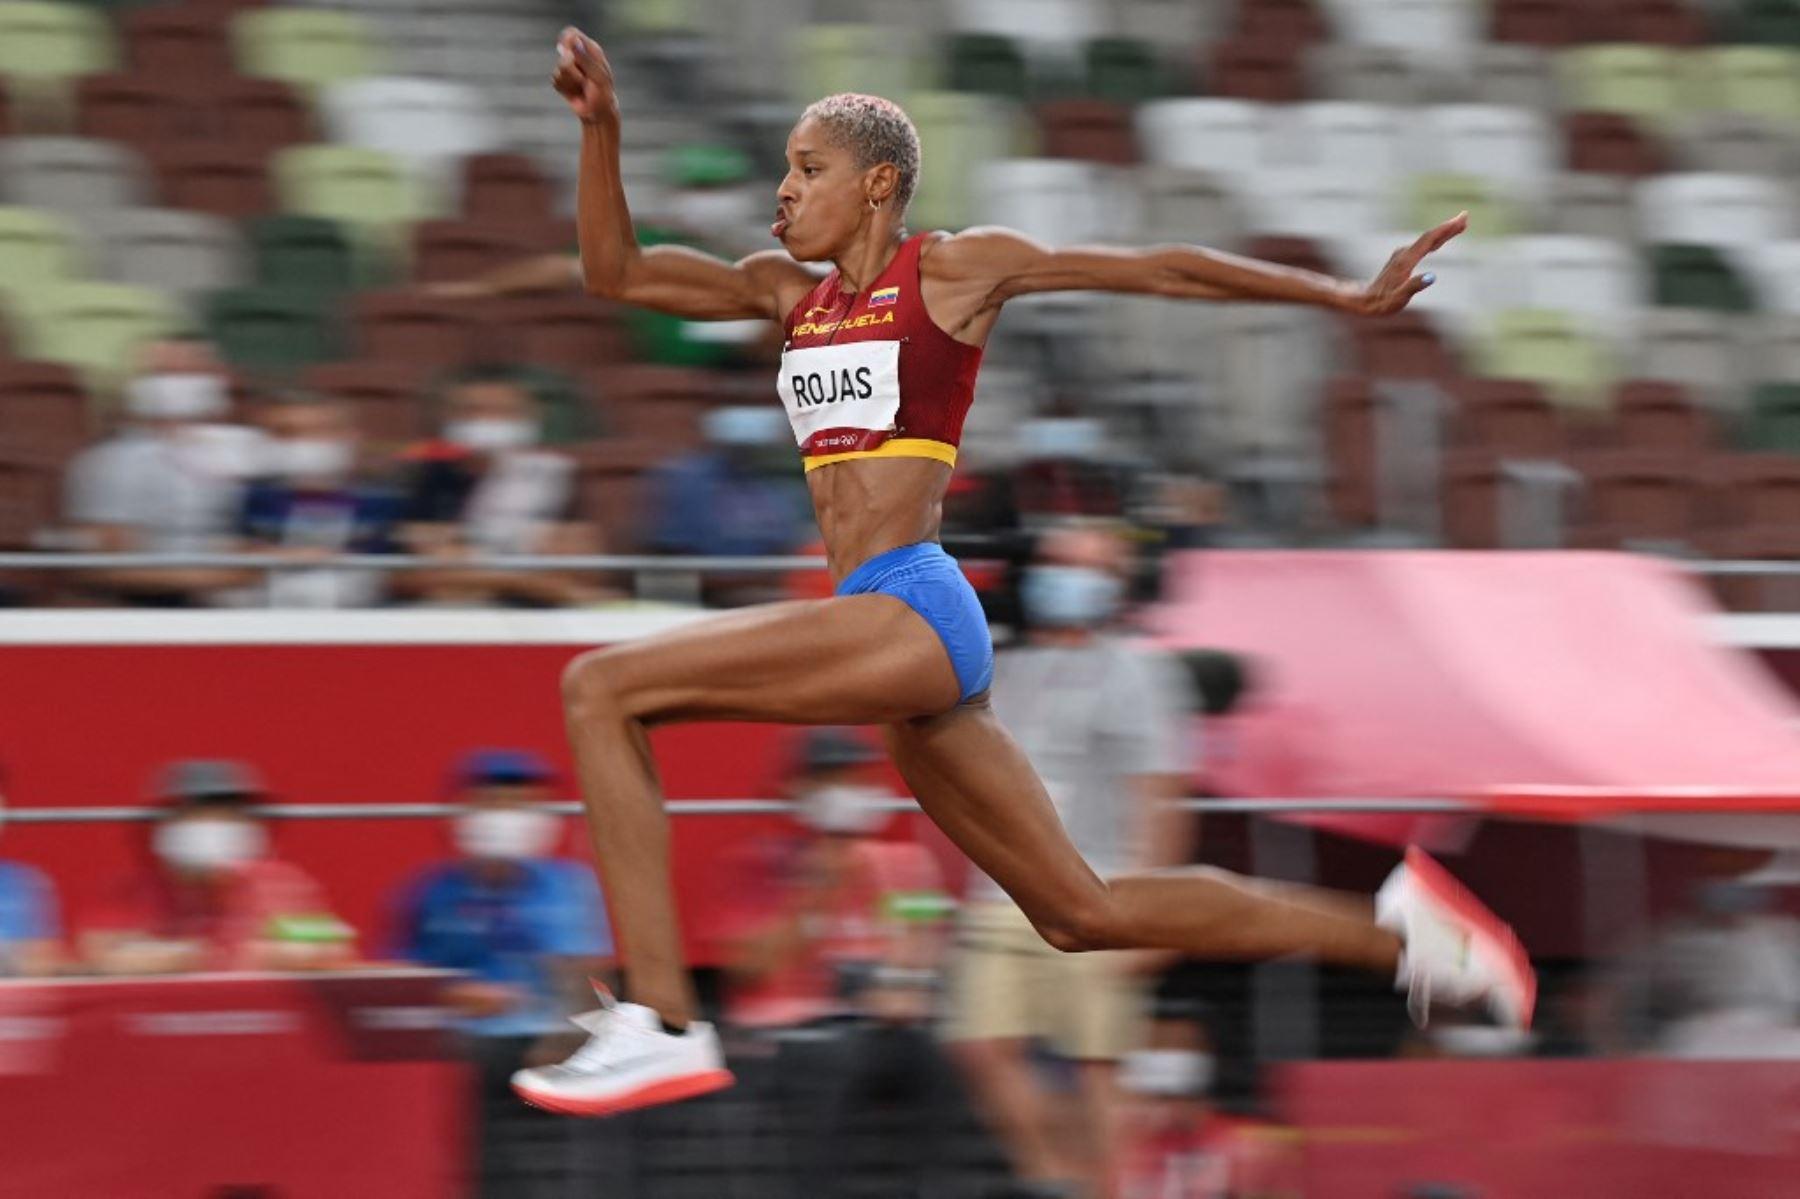 Tokio 2020: Venezolana Yulimar Rojas, oro y récord mundial de triple salto  | Noticias | Agencia Peruana de Noticias Andina